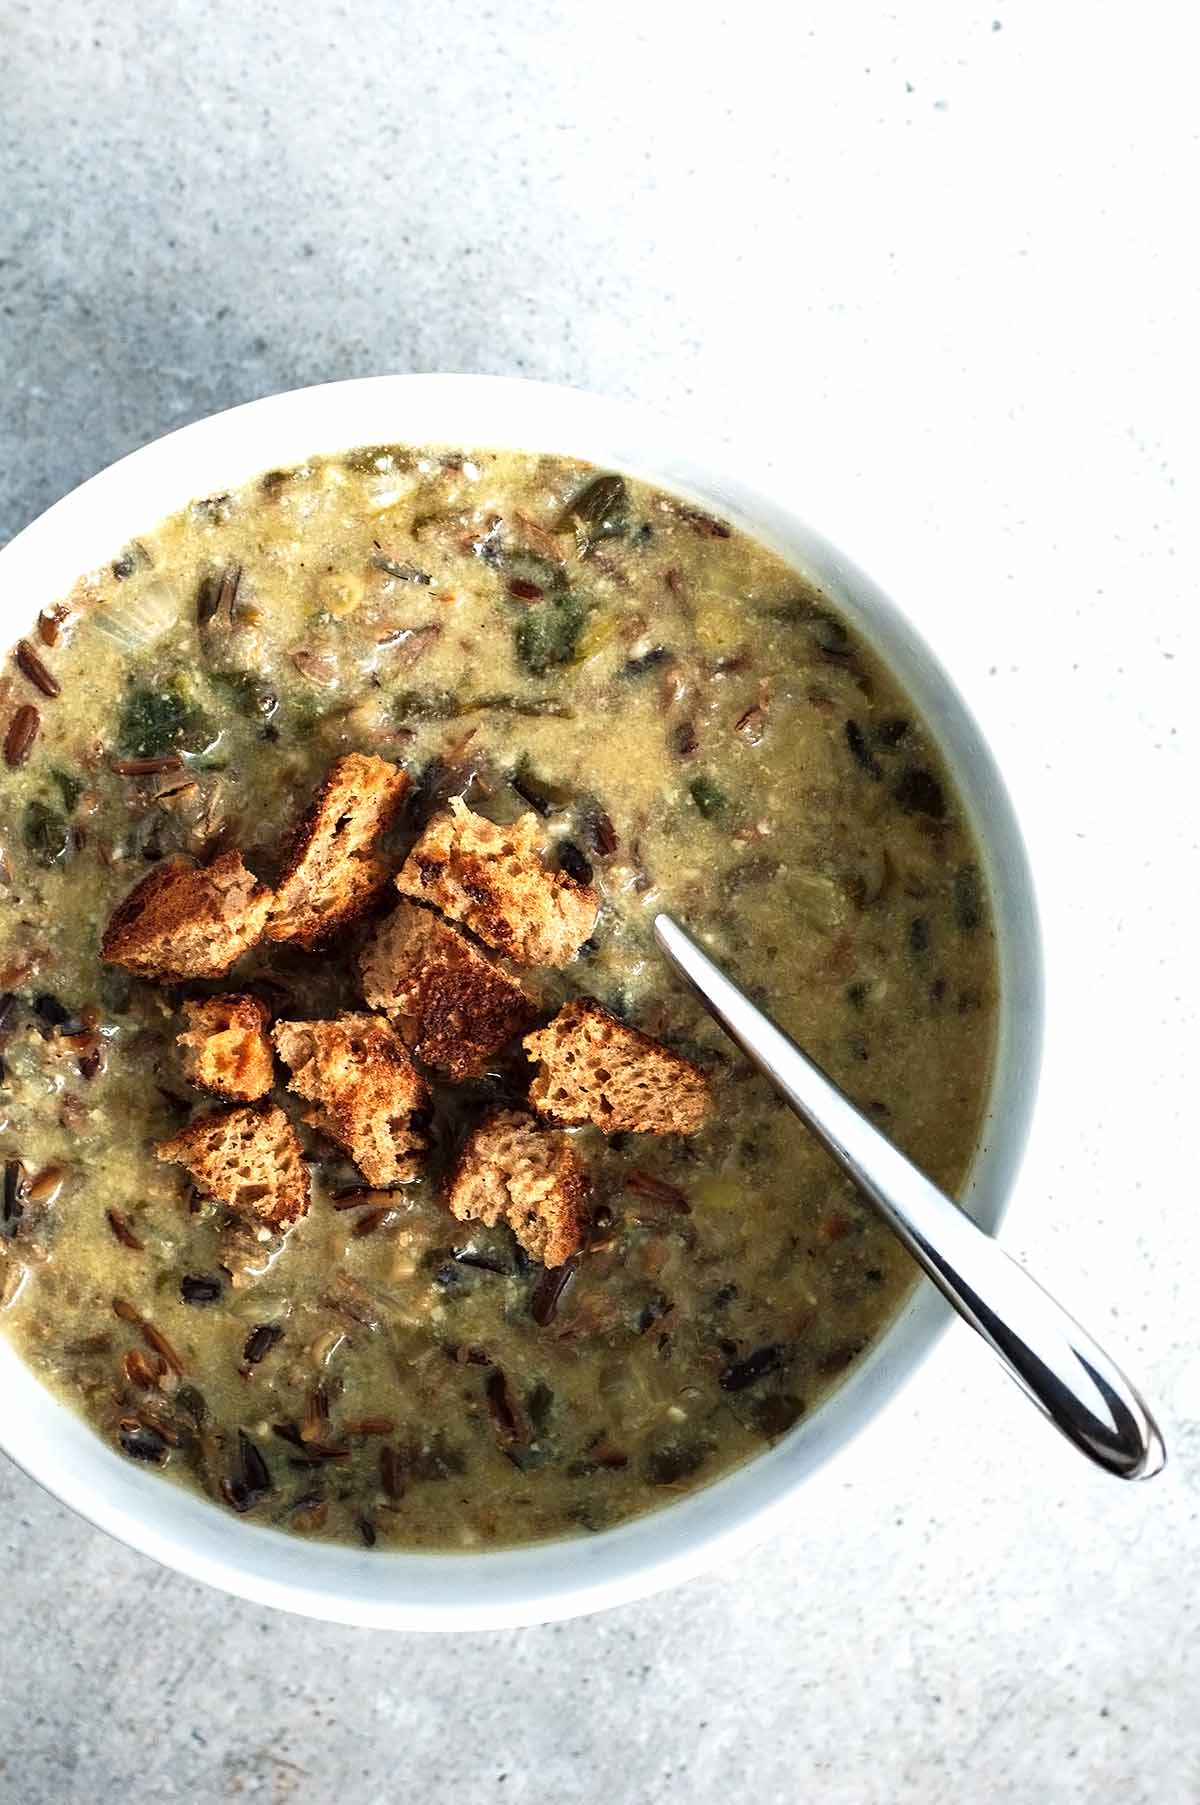 sopa de arroz salvaje instant pot en un bol blanco